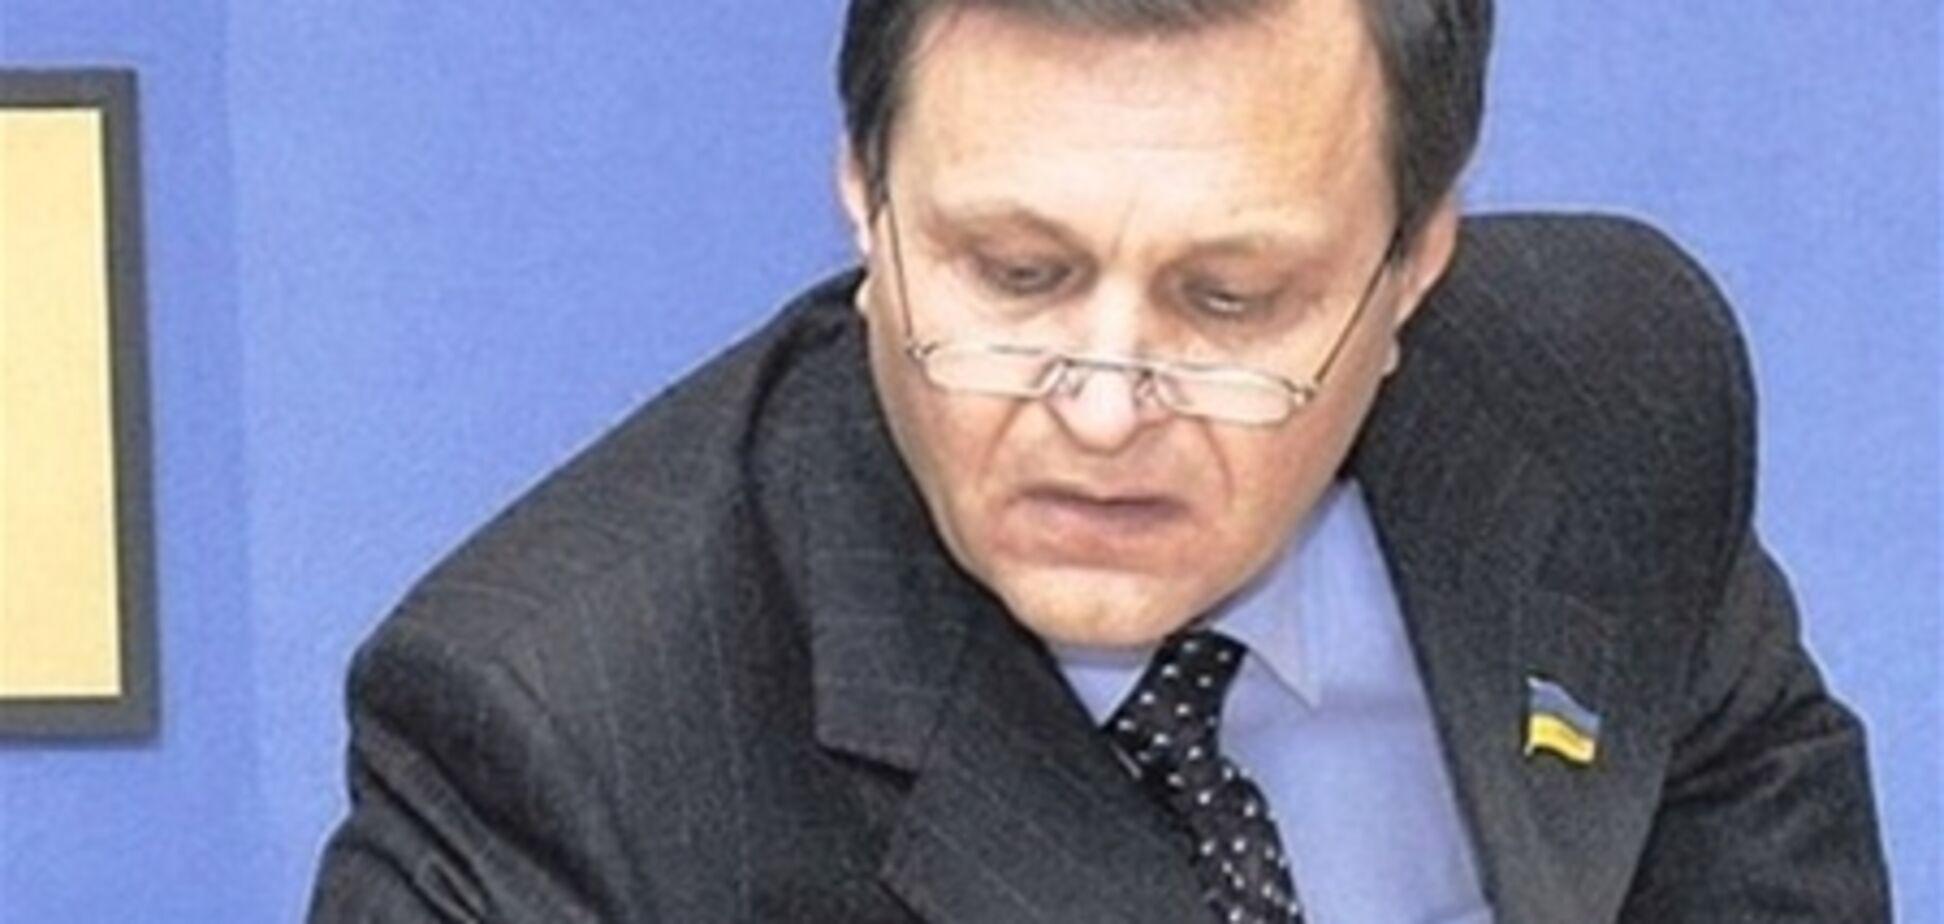 Депутат Ландик намерен засудить журналистов за публикацию смс-переписки